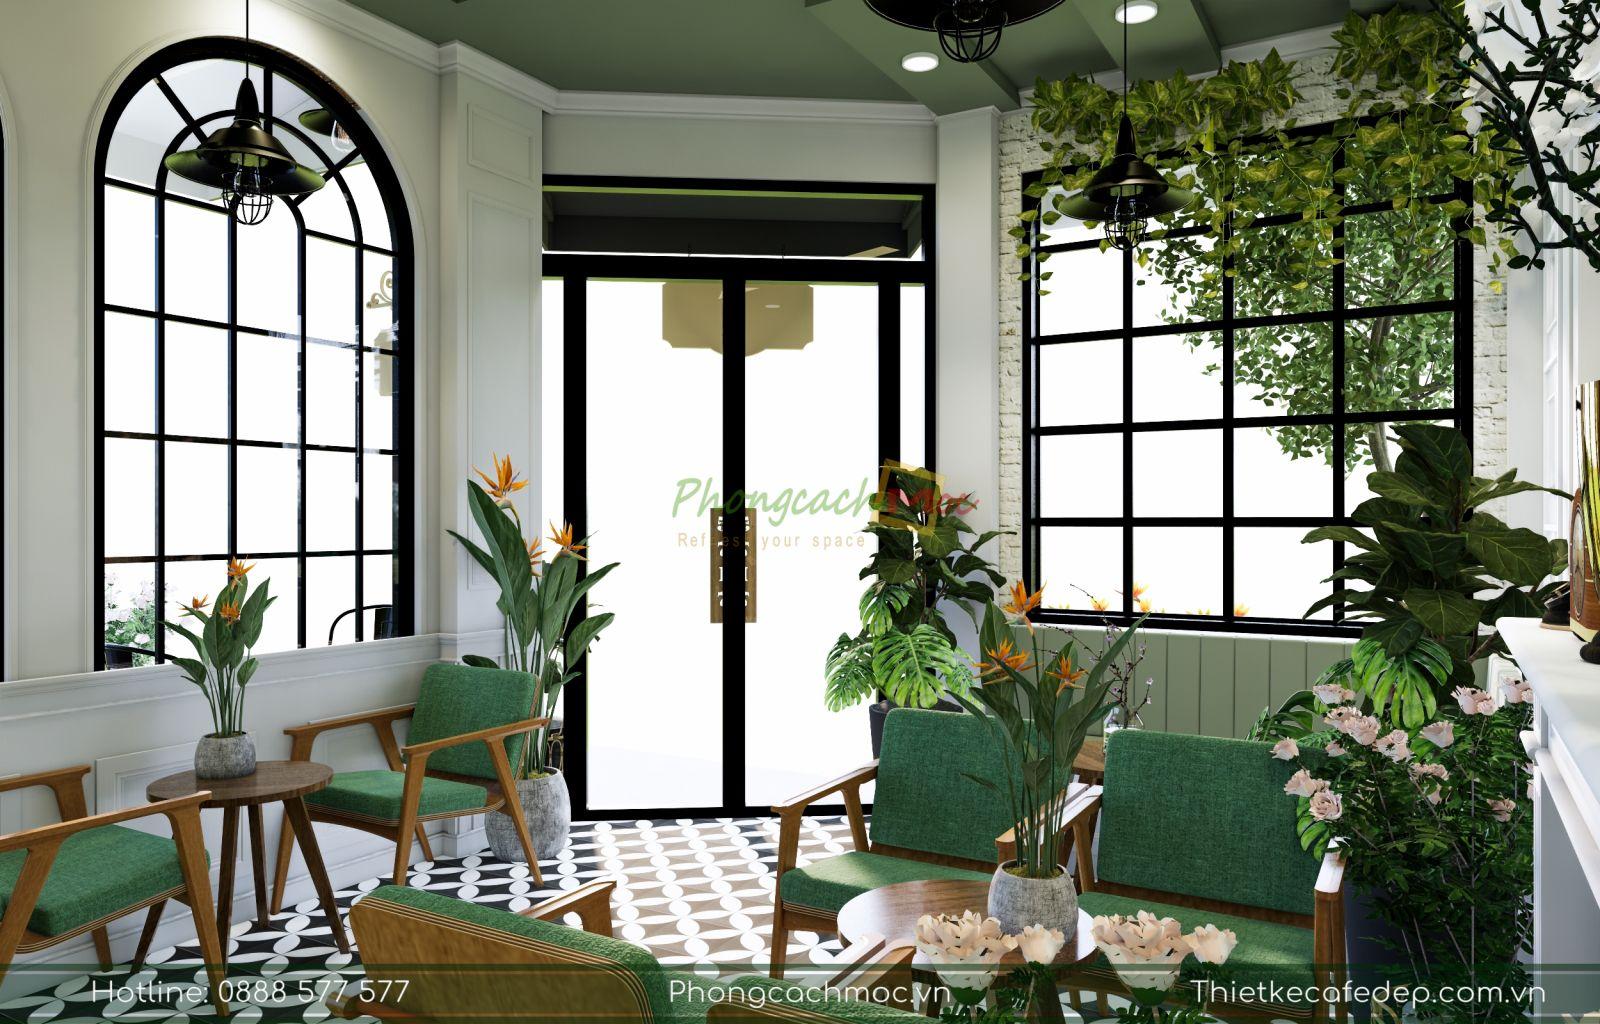 thiet-ke-quan-cafe-tropical-5717-coffee-1